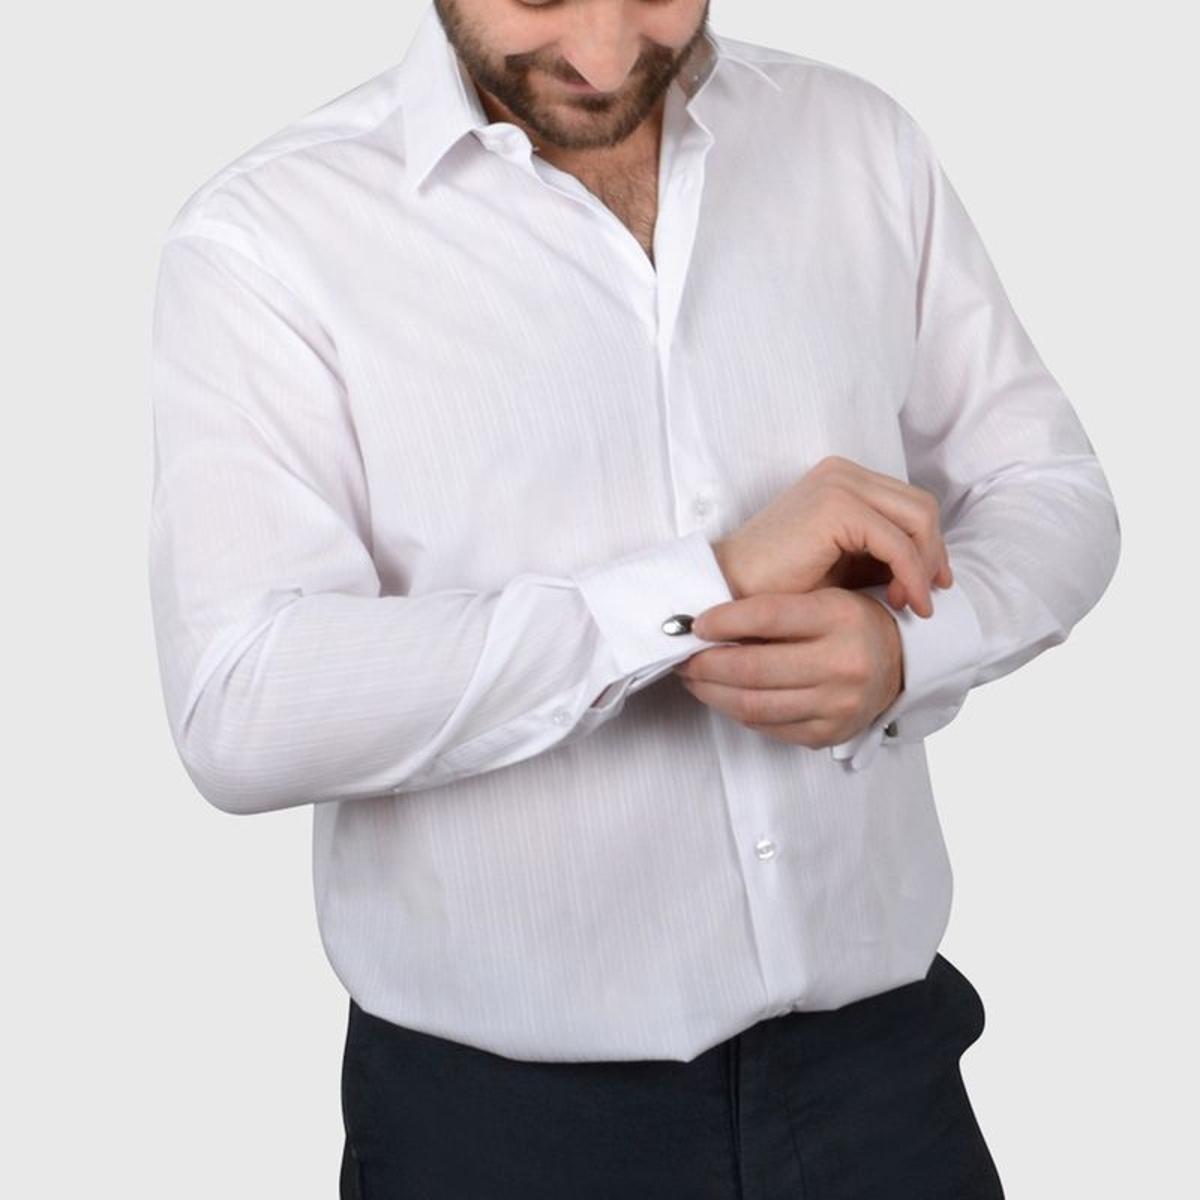 Chemise non cintrée poignets mousquetaires